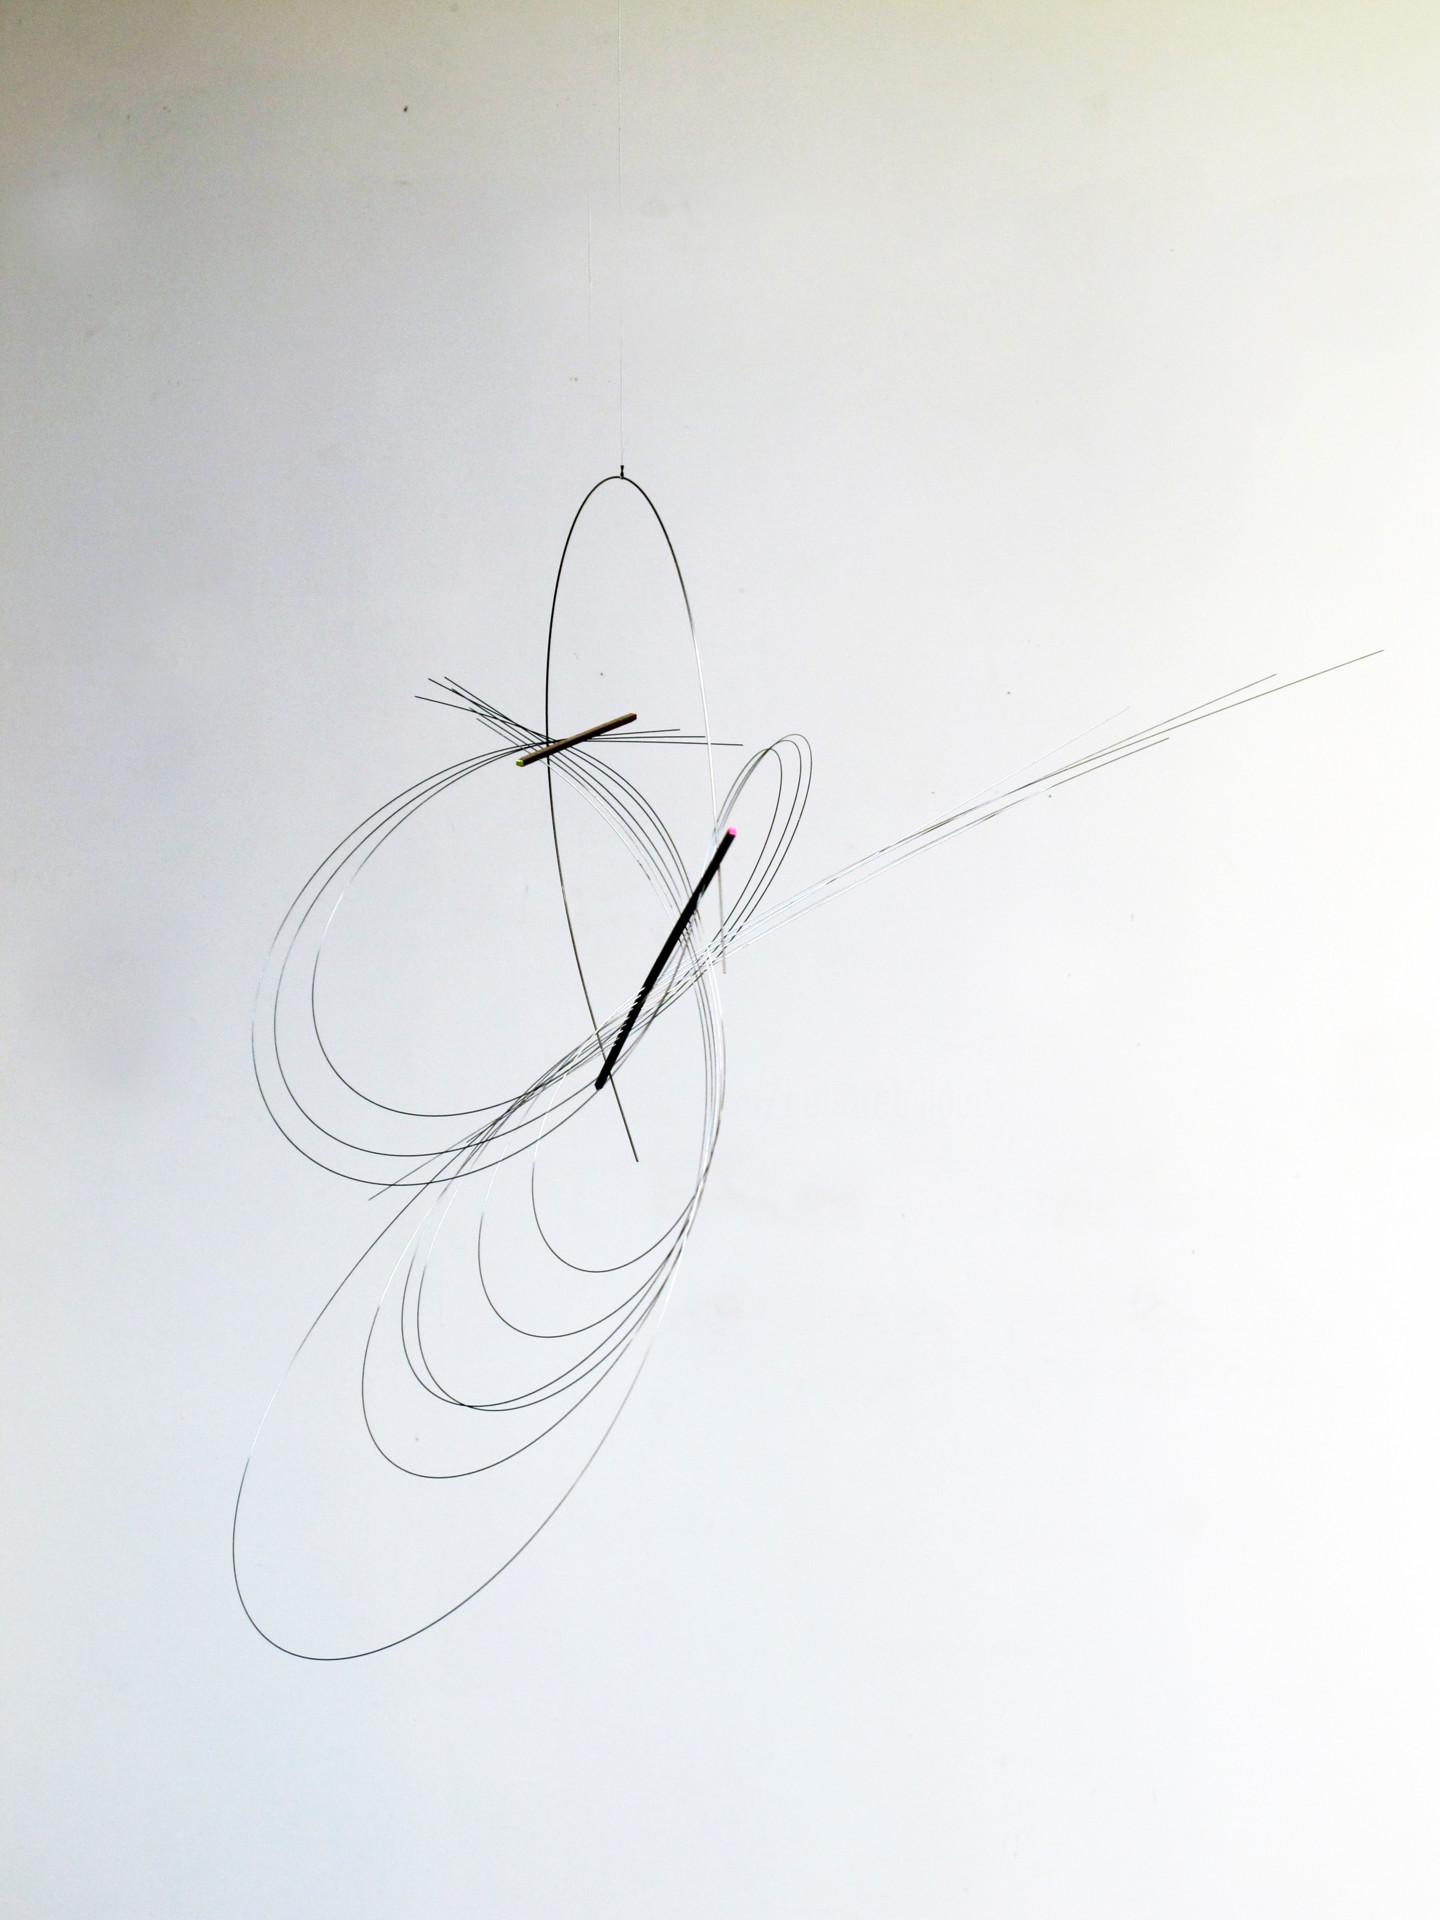 Colette Billaud - SUSPENSION 18/03